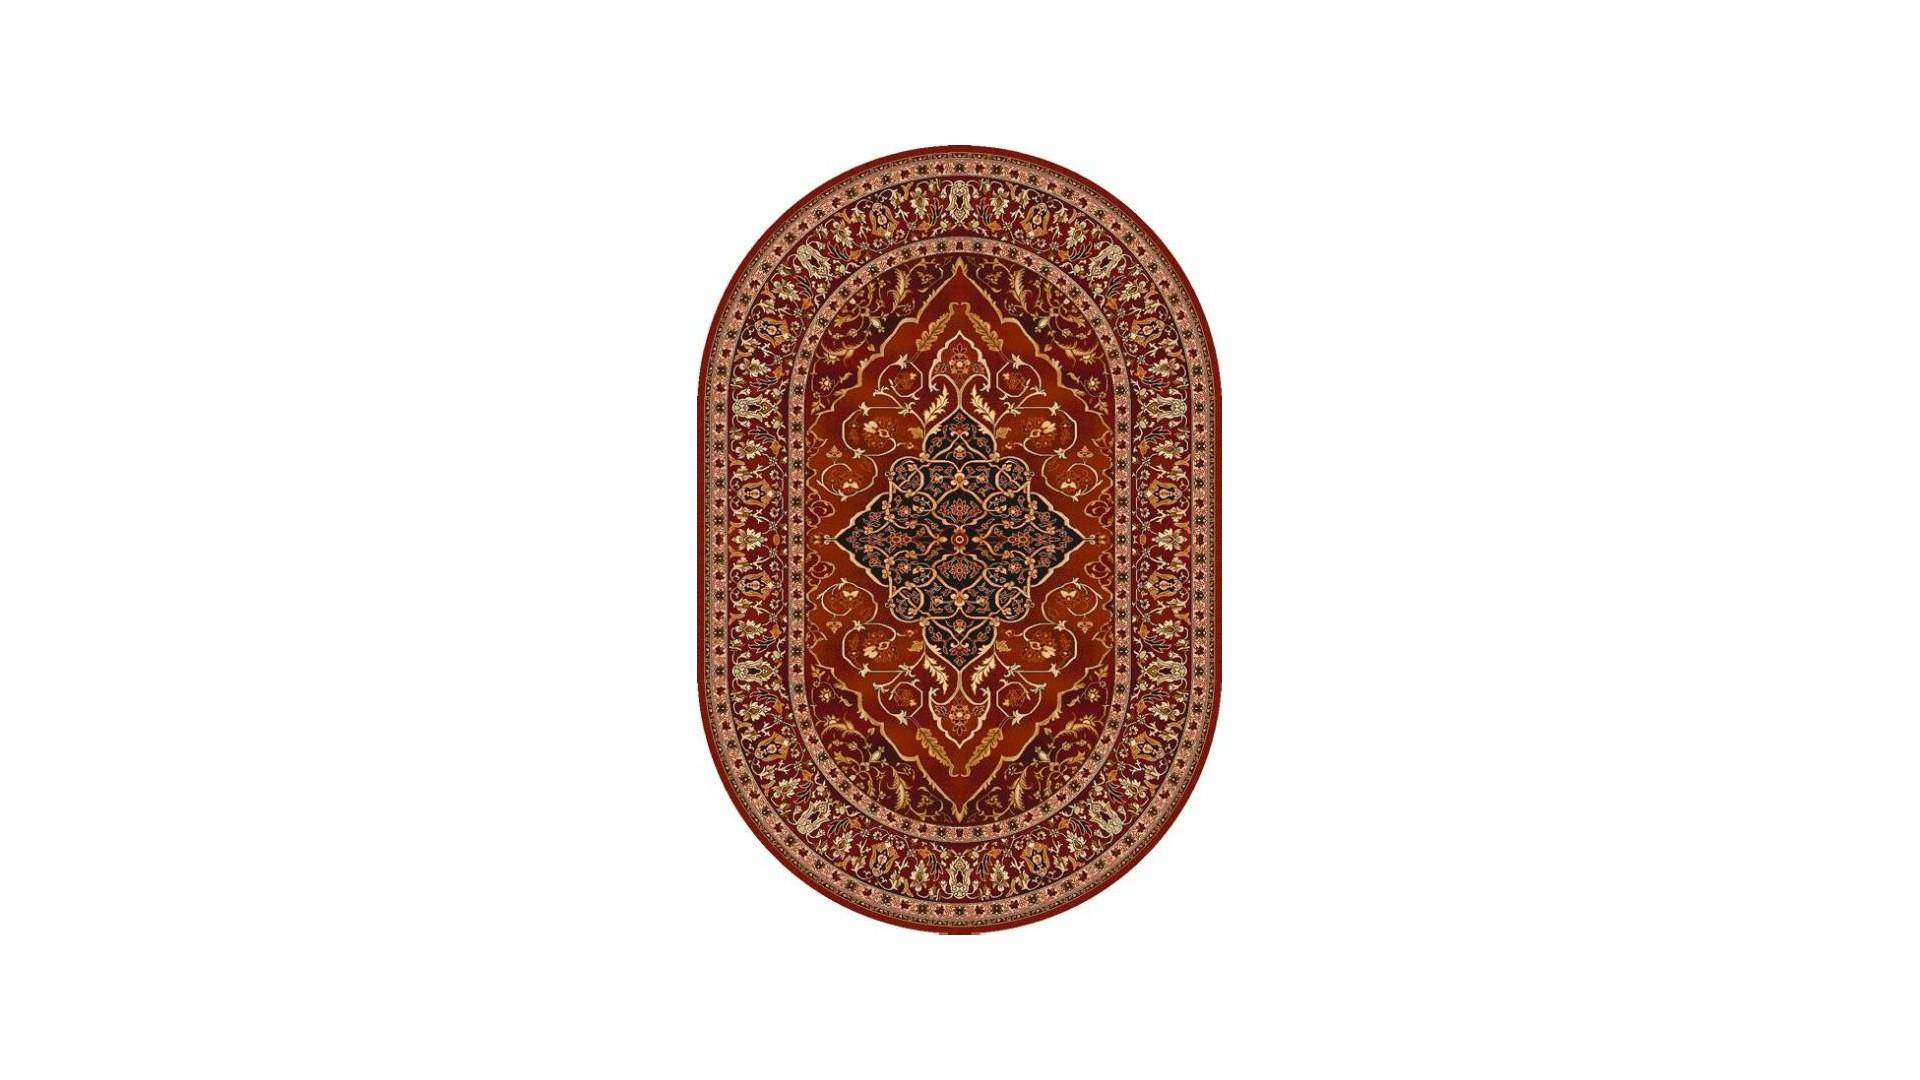 Piękny klasyczny dywan do salonu.